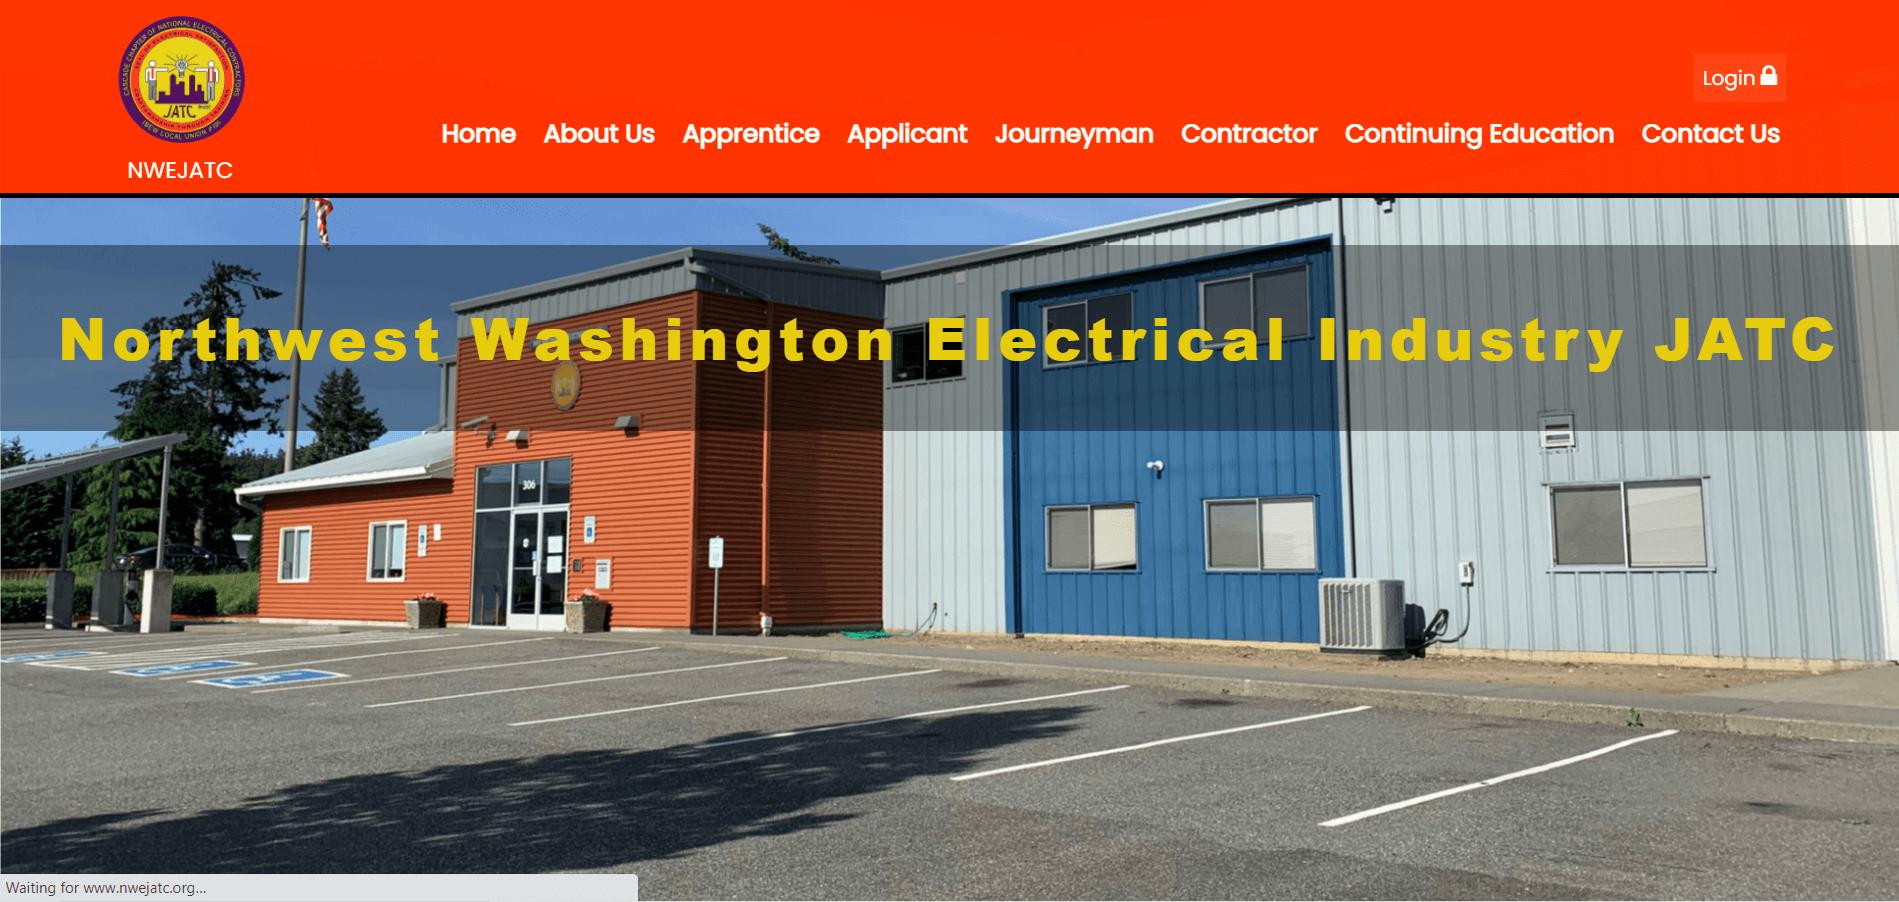 northwest wash. electrical industry jatc